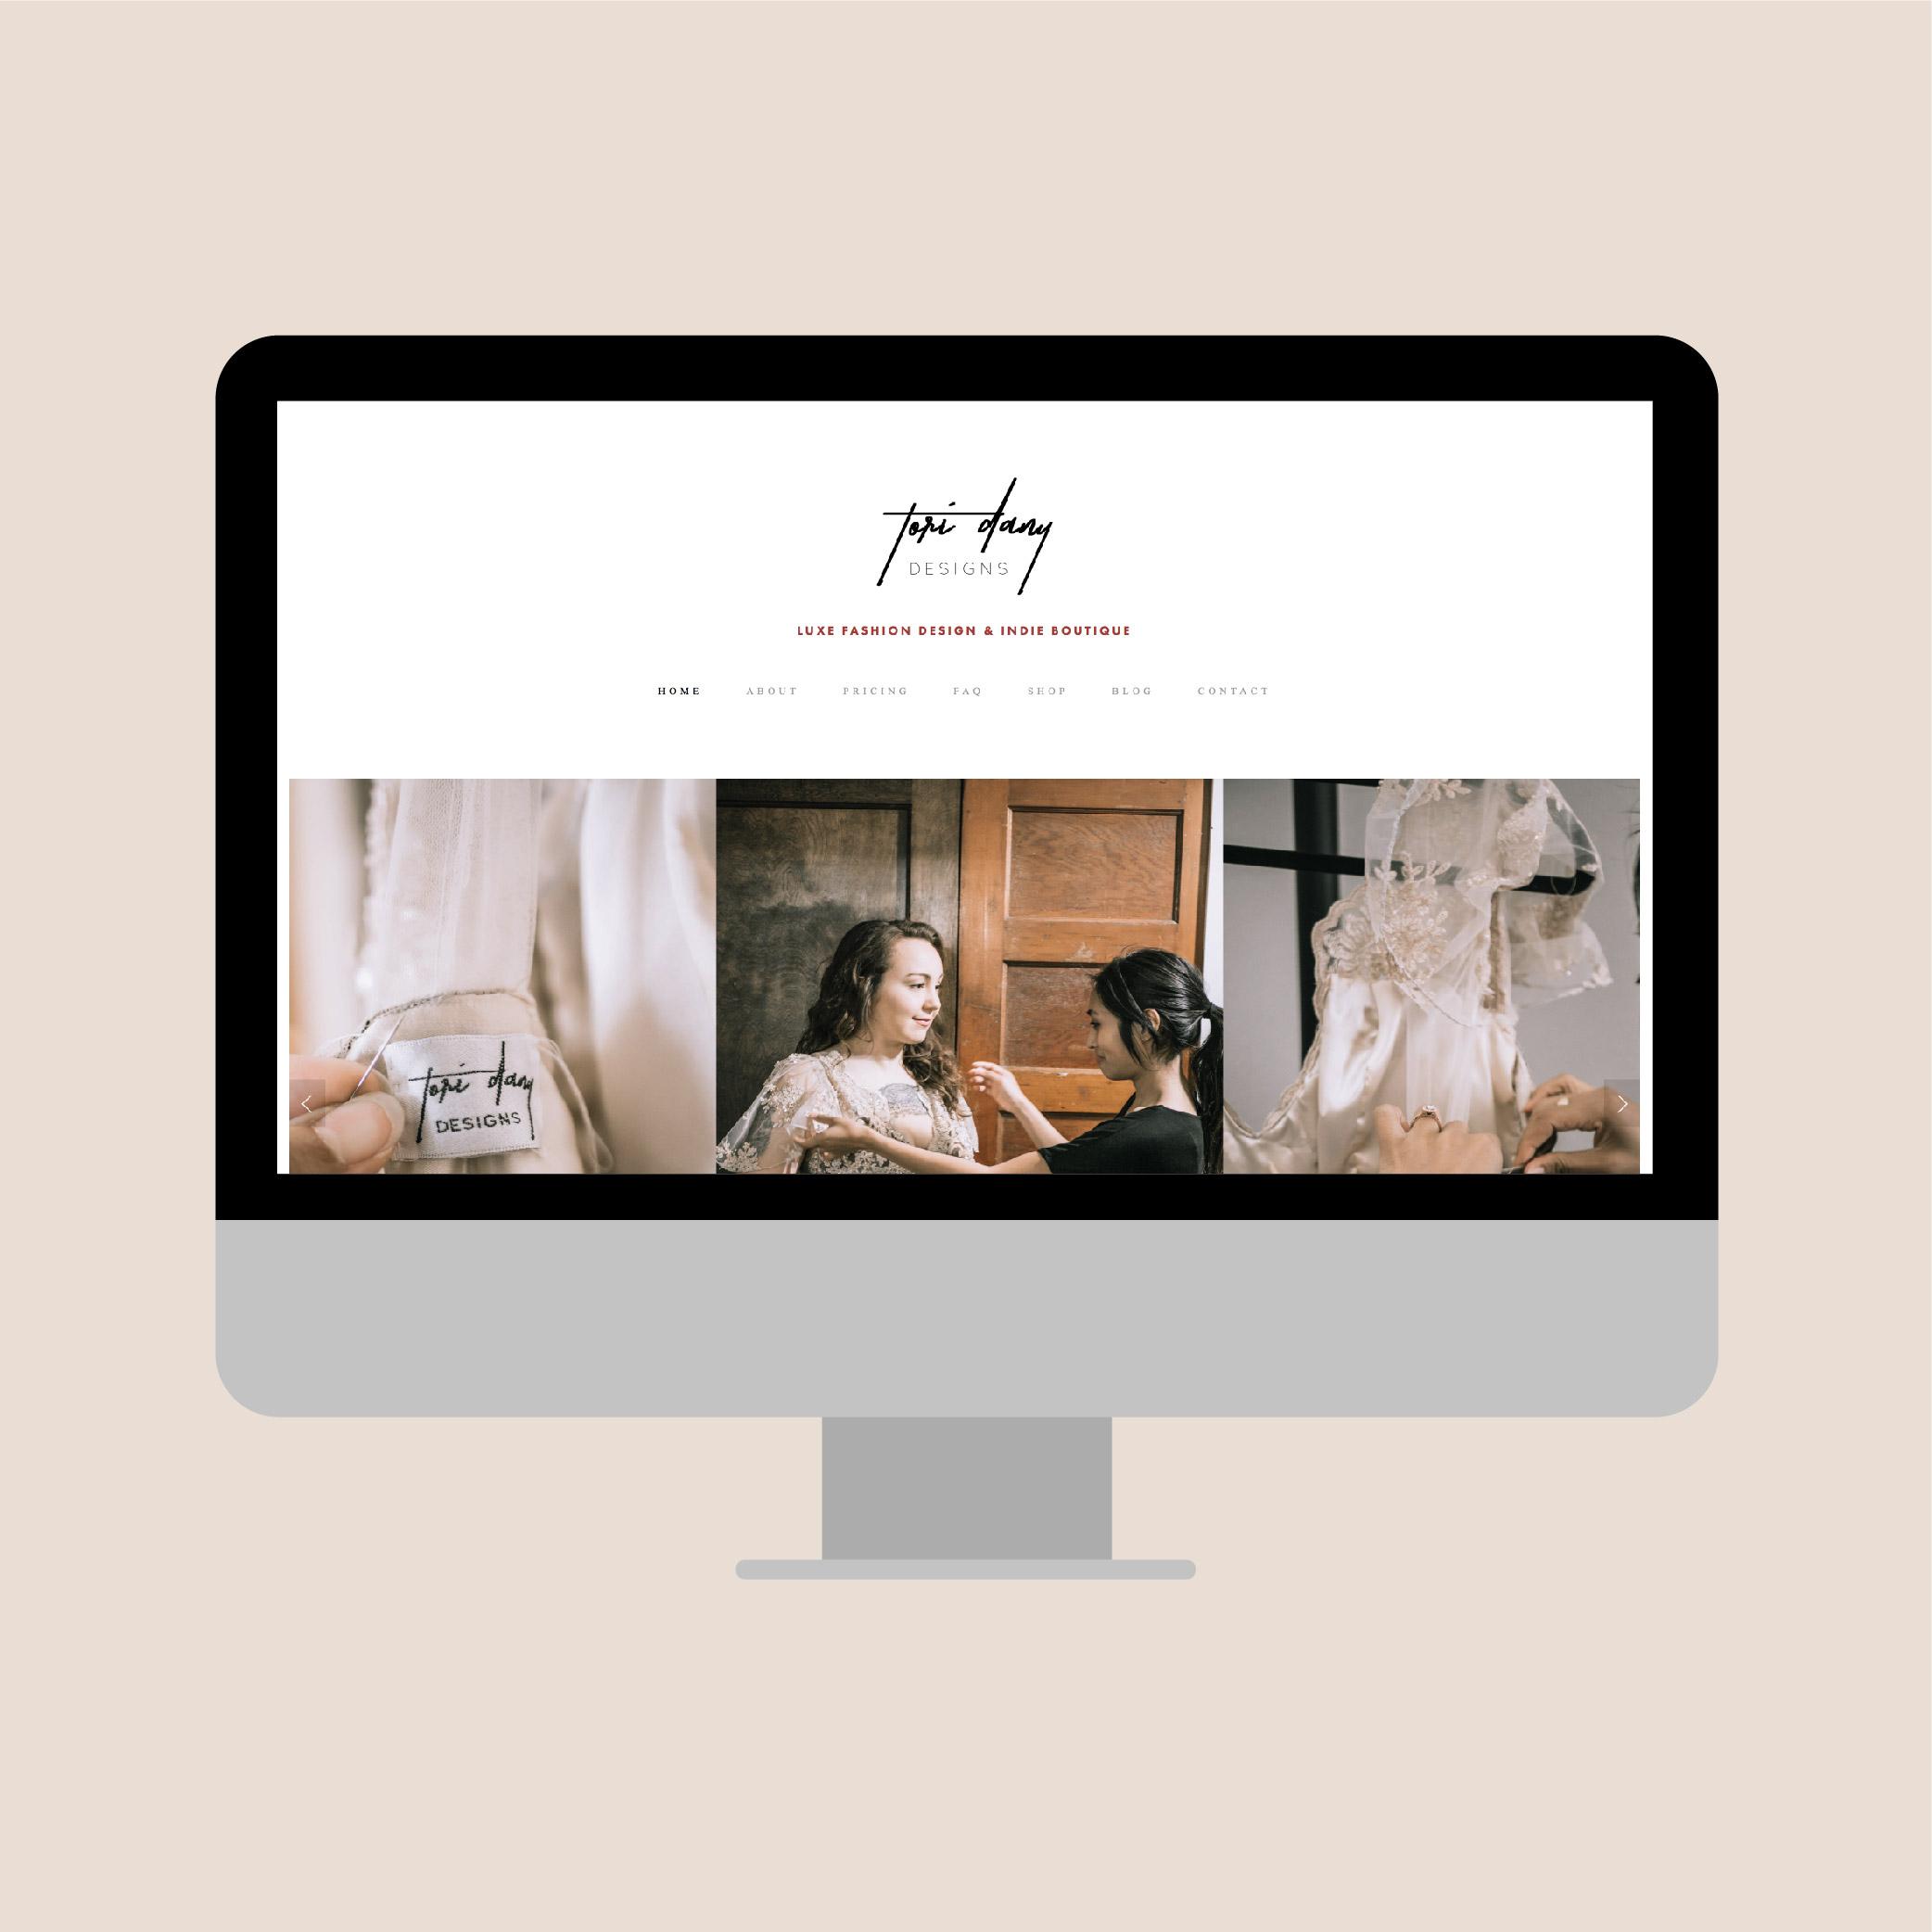 Websites_Desktop 1.jpg